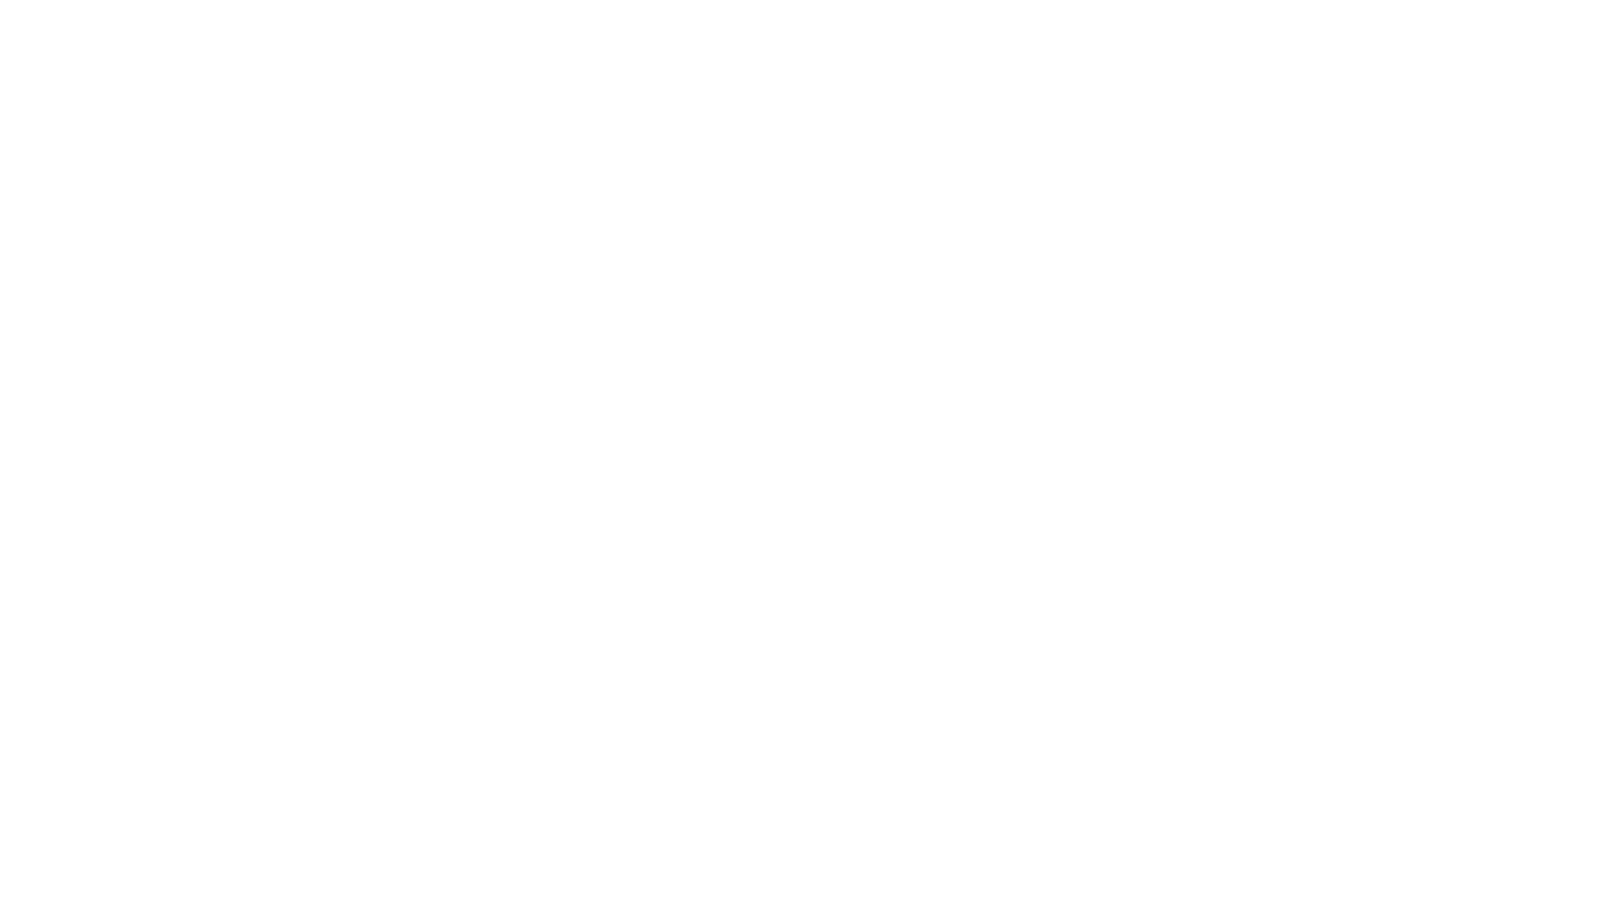 Tervetuloa Terevisio #26 pariin! Tässä jaksossa vertaillaan kokoomuksen ja SDP:n kuntavaaliohjelmia sekä puhutaan rokotepassista.  Muista tilata kanava, heittää peukut ja kommentit, sekä tsekata mun muut somet!  🦁 NETTISIVU: https://teresammallahti.fi/ 🦁 FACEBOOK: https://www.facebook.com/SammallahtiTere/ 🦁 TWITTER: https://twitter.com/TereSammallahti 🦁 INSTAGRAM: https://www.instagram.com/teresammallahti/ 🦁 DISCORD-KANAVA: https://discord.com/invite/8HQK2nb 🦁 BLOGI: http://teresammallahti.puheenvuoro.uusisuomi.fi/  Sebun somet: 🐼 Twitter: https://twitter.com/SebuStenfors 🐼 Facebook: https://www.facebook.com/sebustenfors  Santerin somet: 🐼 https://www.facebook.com/vuorisanteri 🐼 https://twitter.com/SanteriVuori  Terevisiot podcasteina: Spotify: https://open.spotify.com/show/1GFyykU1zEAIbI6YrKR4iw Apple: https://podcasts.apple.com/us/podcast/terevisio/id1554566703?uo=4 Google: https://www.google.com/podcasts?feed=aHR0cHM6Ly93d3cuc3ByZWFrZXIuY29tL3Nob3cvNDc4NjMzNi9lcGlzb2Rlcy9mZWVk Spreaker: https://www.spreaker.com/show/terevisio  Lähteet:  Sisältö: 00:00 - Alkutereveiset